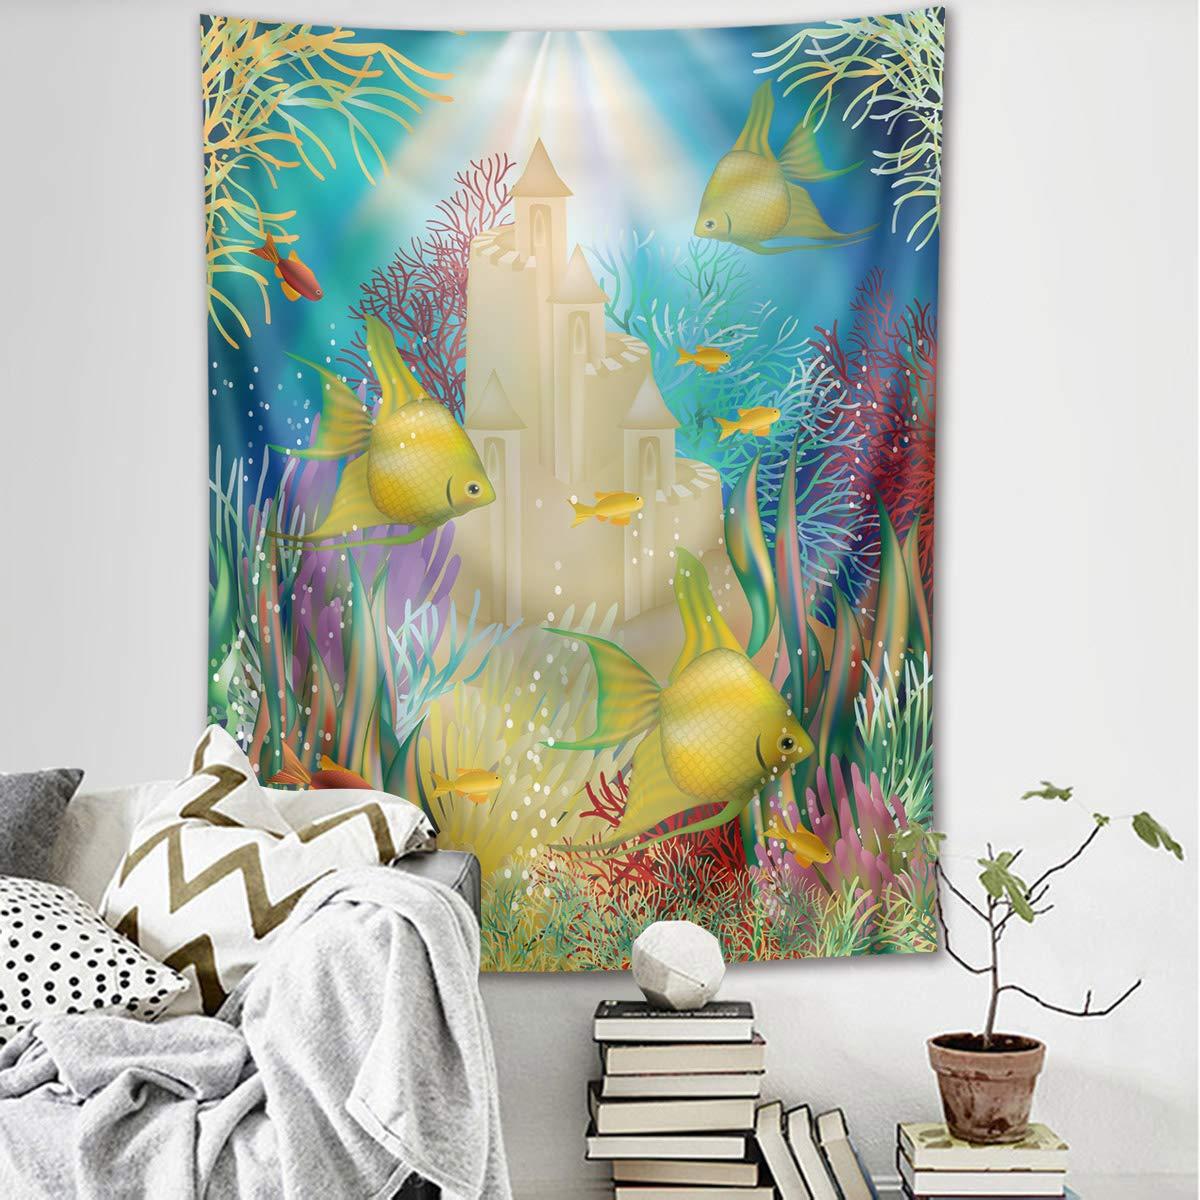 LB Vierge Marie Tapisserie Murales J/ésus Tenture Tapisserie Ange au Paradis Tapisserie pour Salon Chambre Dortoir Murale D/écoration,100cm Large x 150cm Hauteur